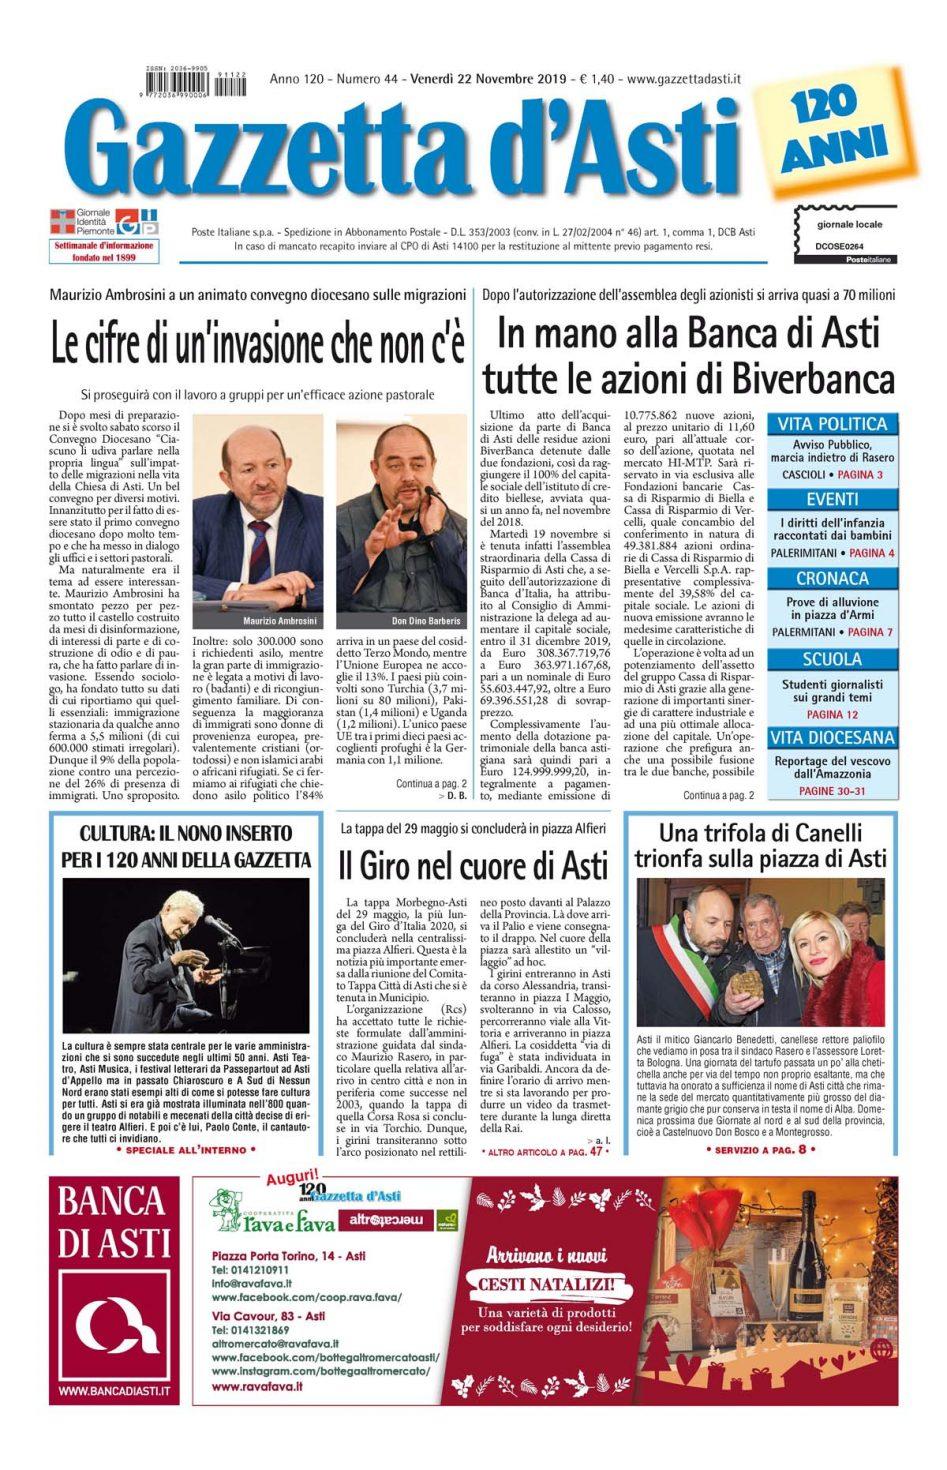 Prima pagina – 22 novembre 2019